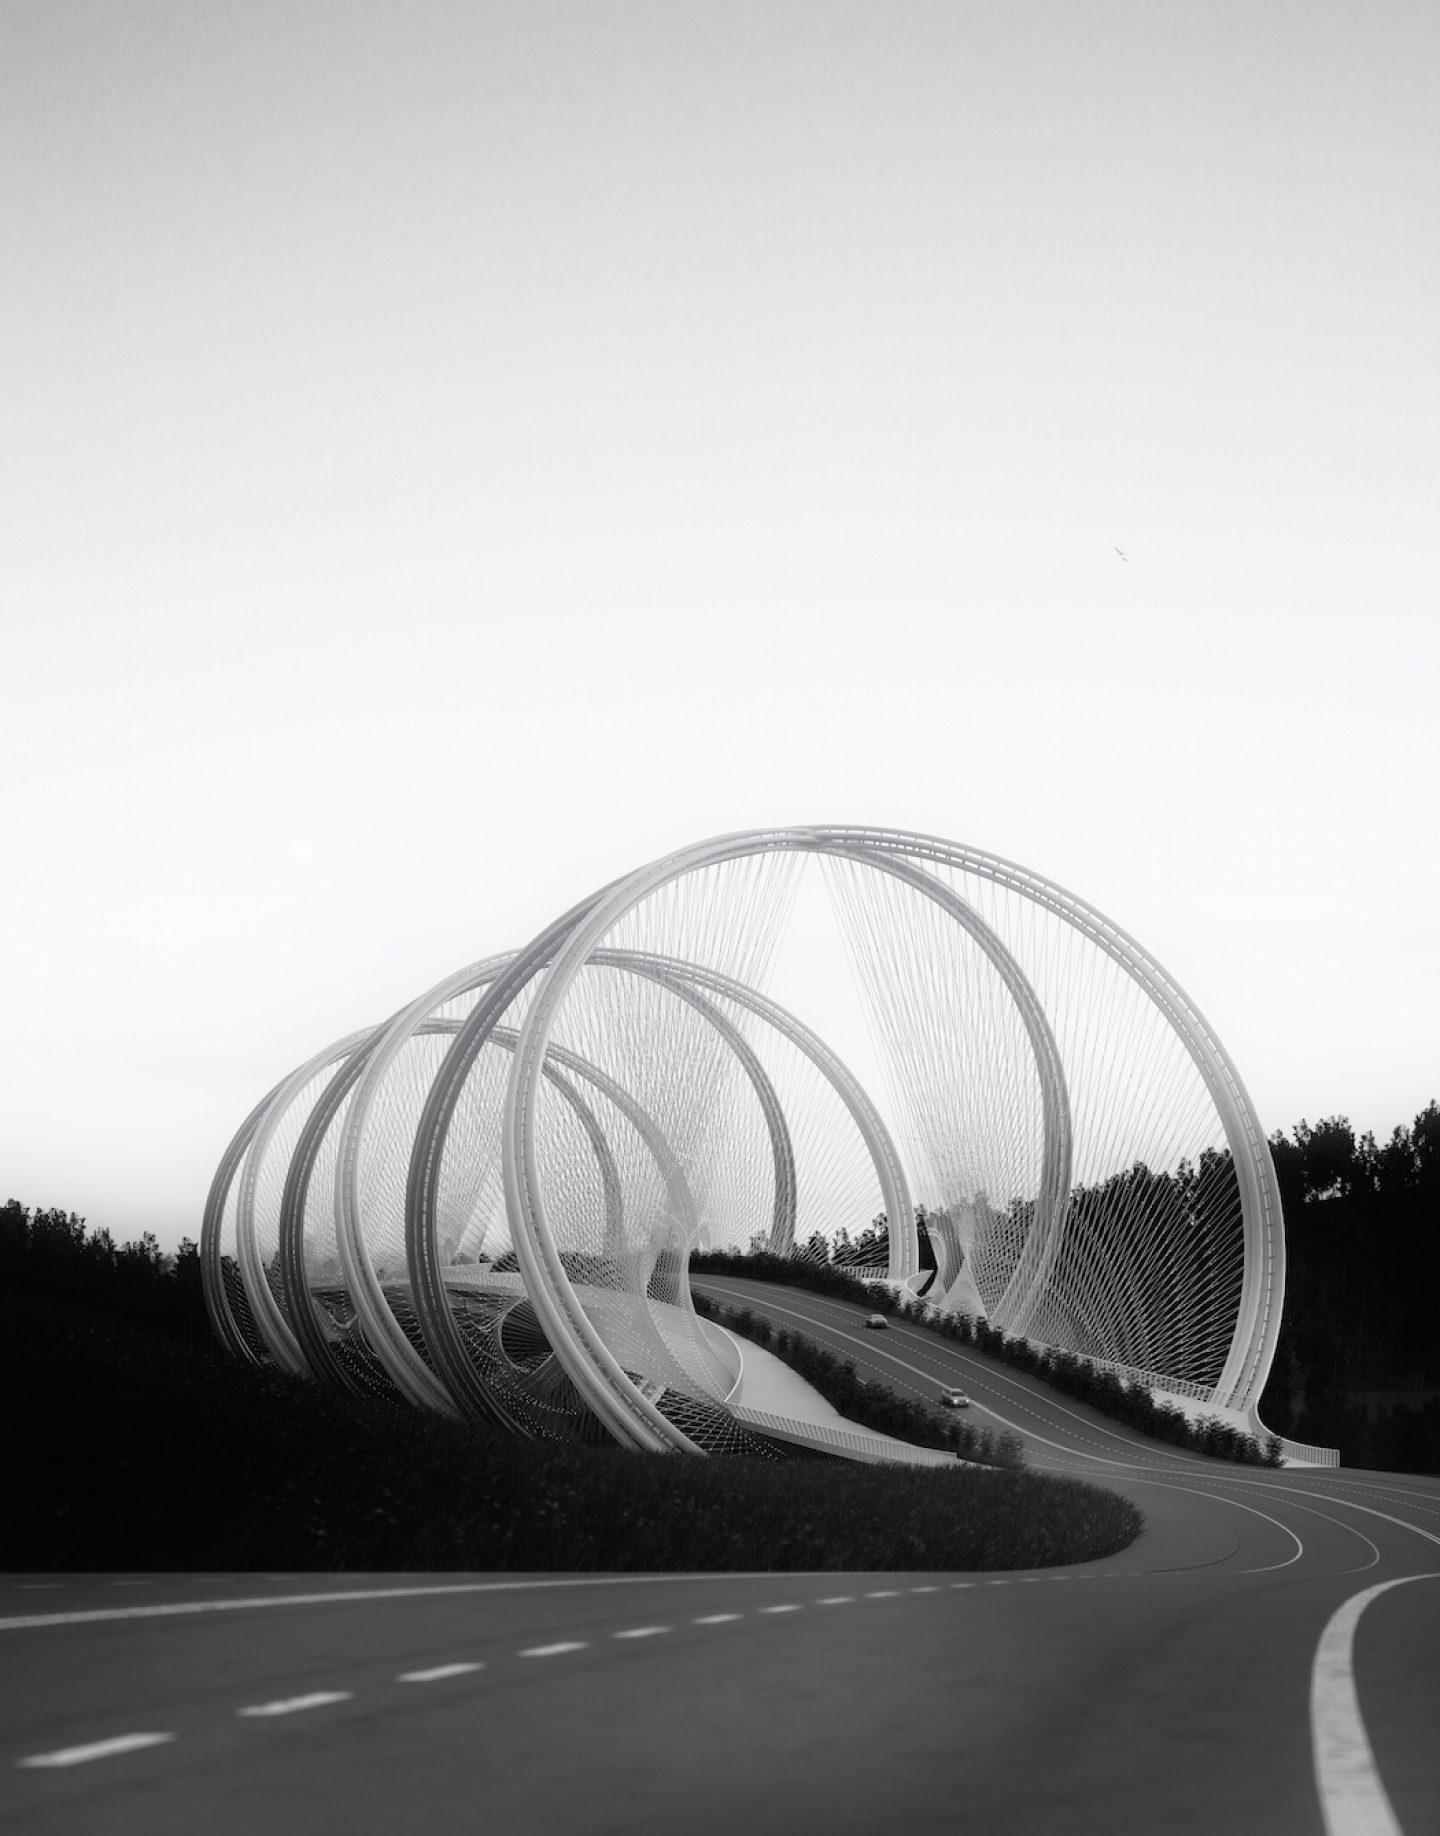 Architecture_ShanShanBridge_Penda01